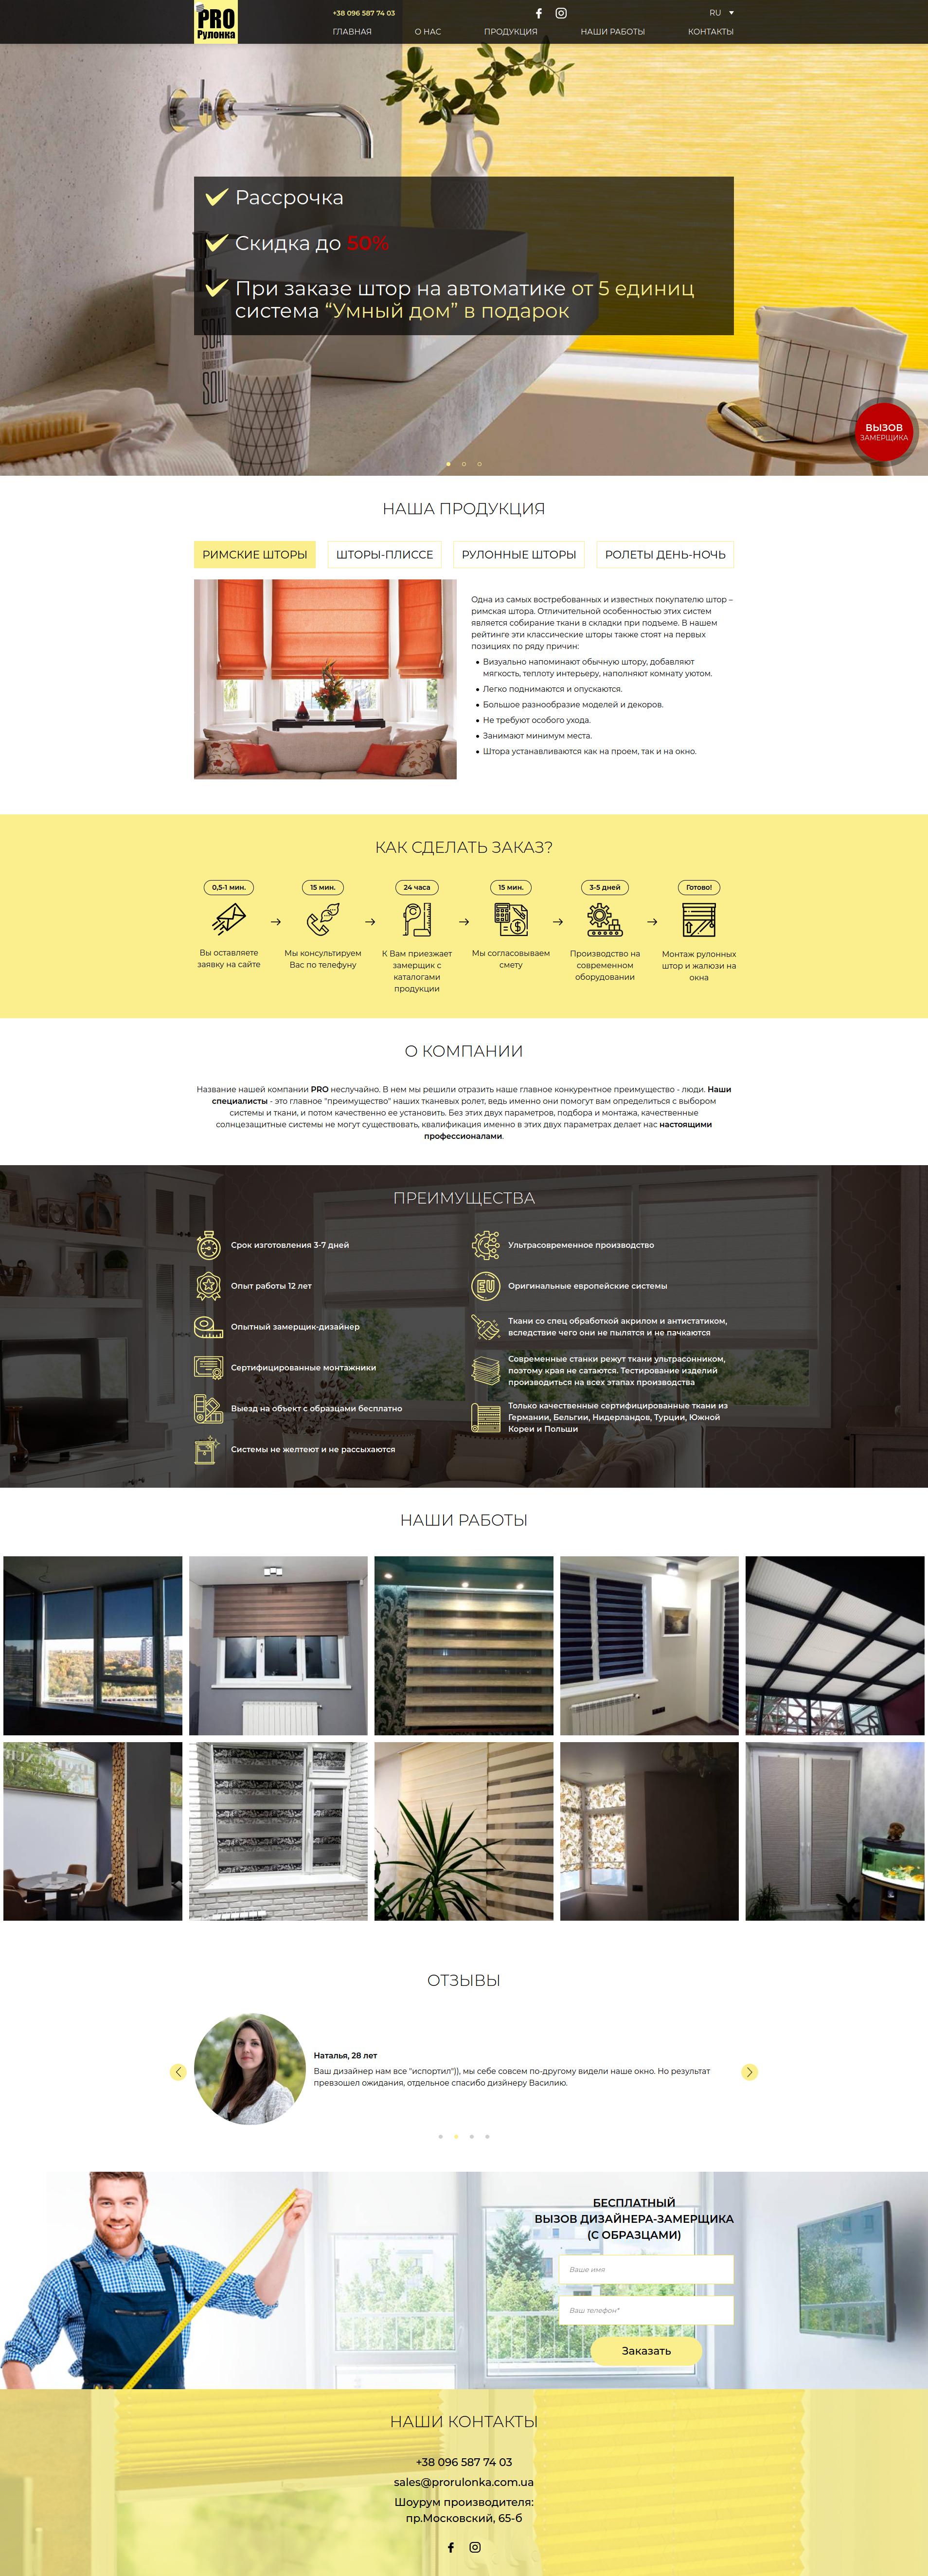 Фото Сайт для компании по продаже солнцезащитных систем. Уникальный дизайн, адаптивная верстка по экраны всех устройств.